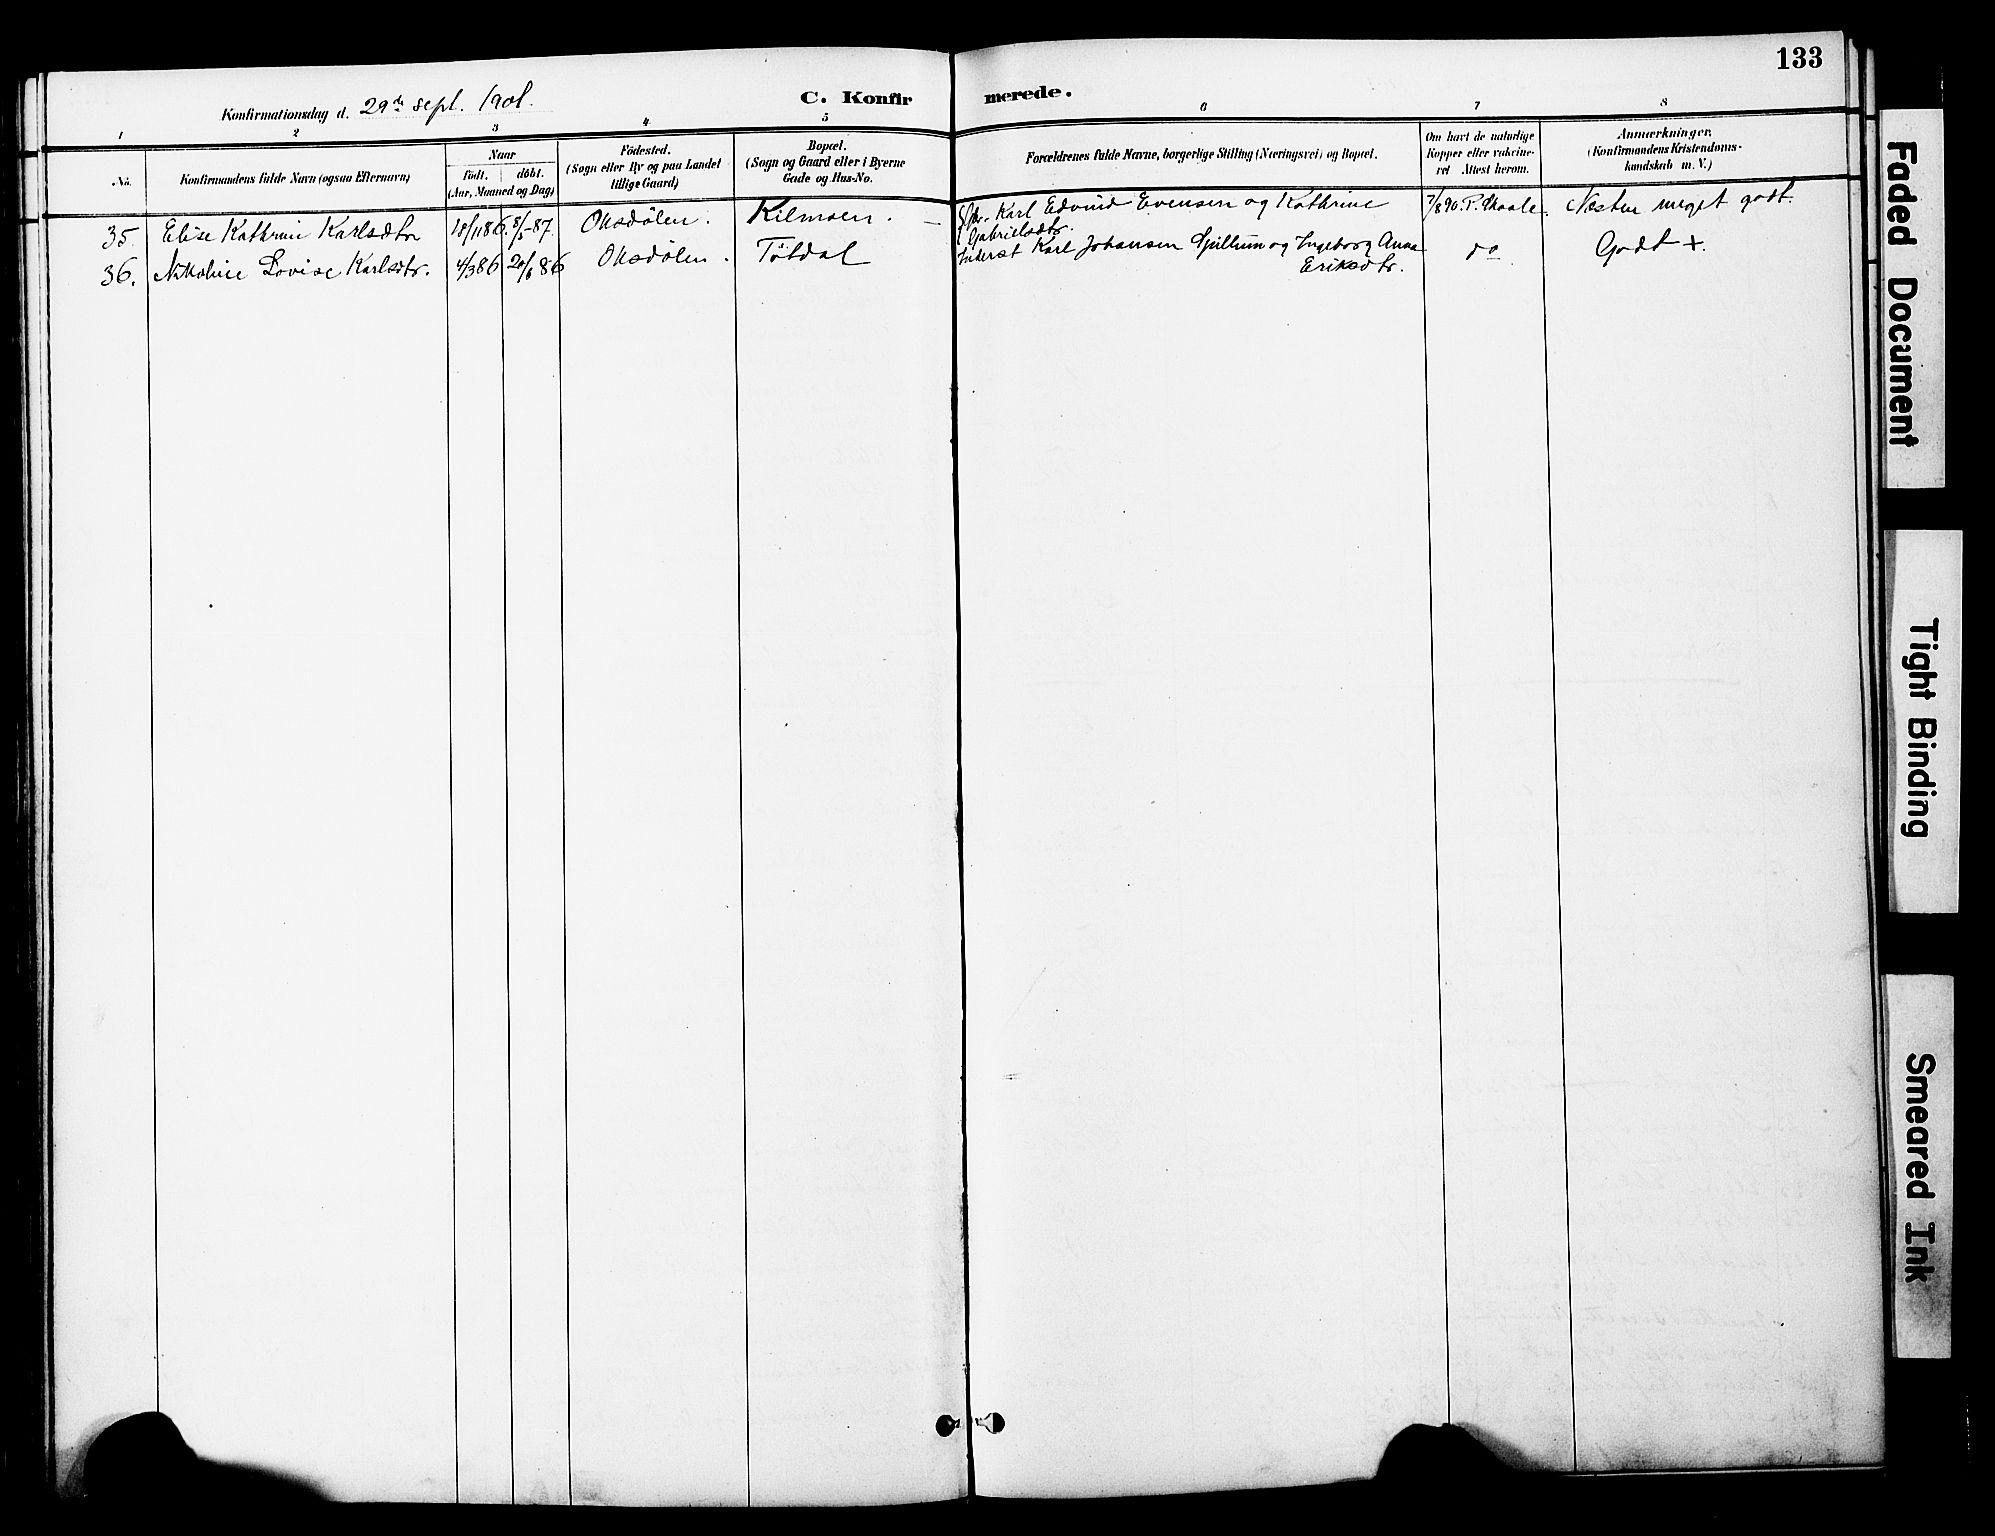 SAT, Ministerialprotokoller, klokkerbøker og fødselsregistre - Nord-Trøndelag, 774/L0628: Ministerialbok nr. 774A02, 1887-1903, s. 133